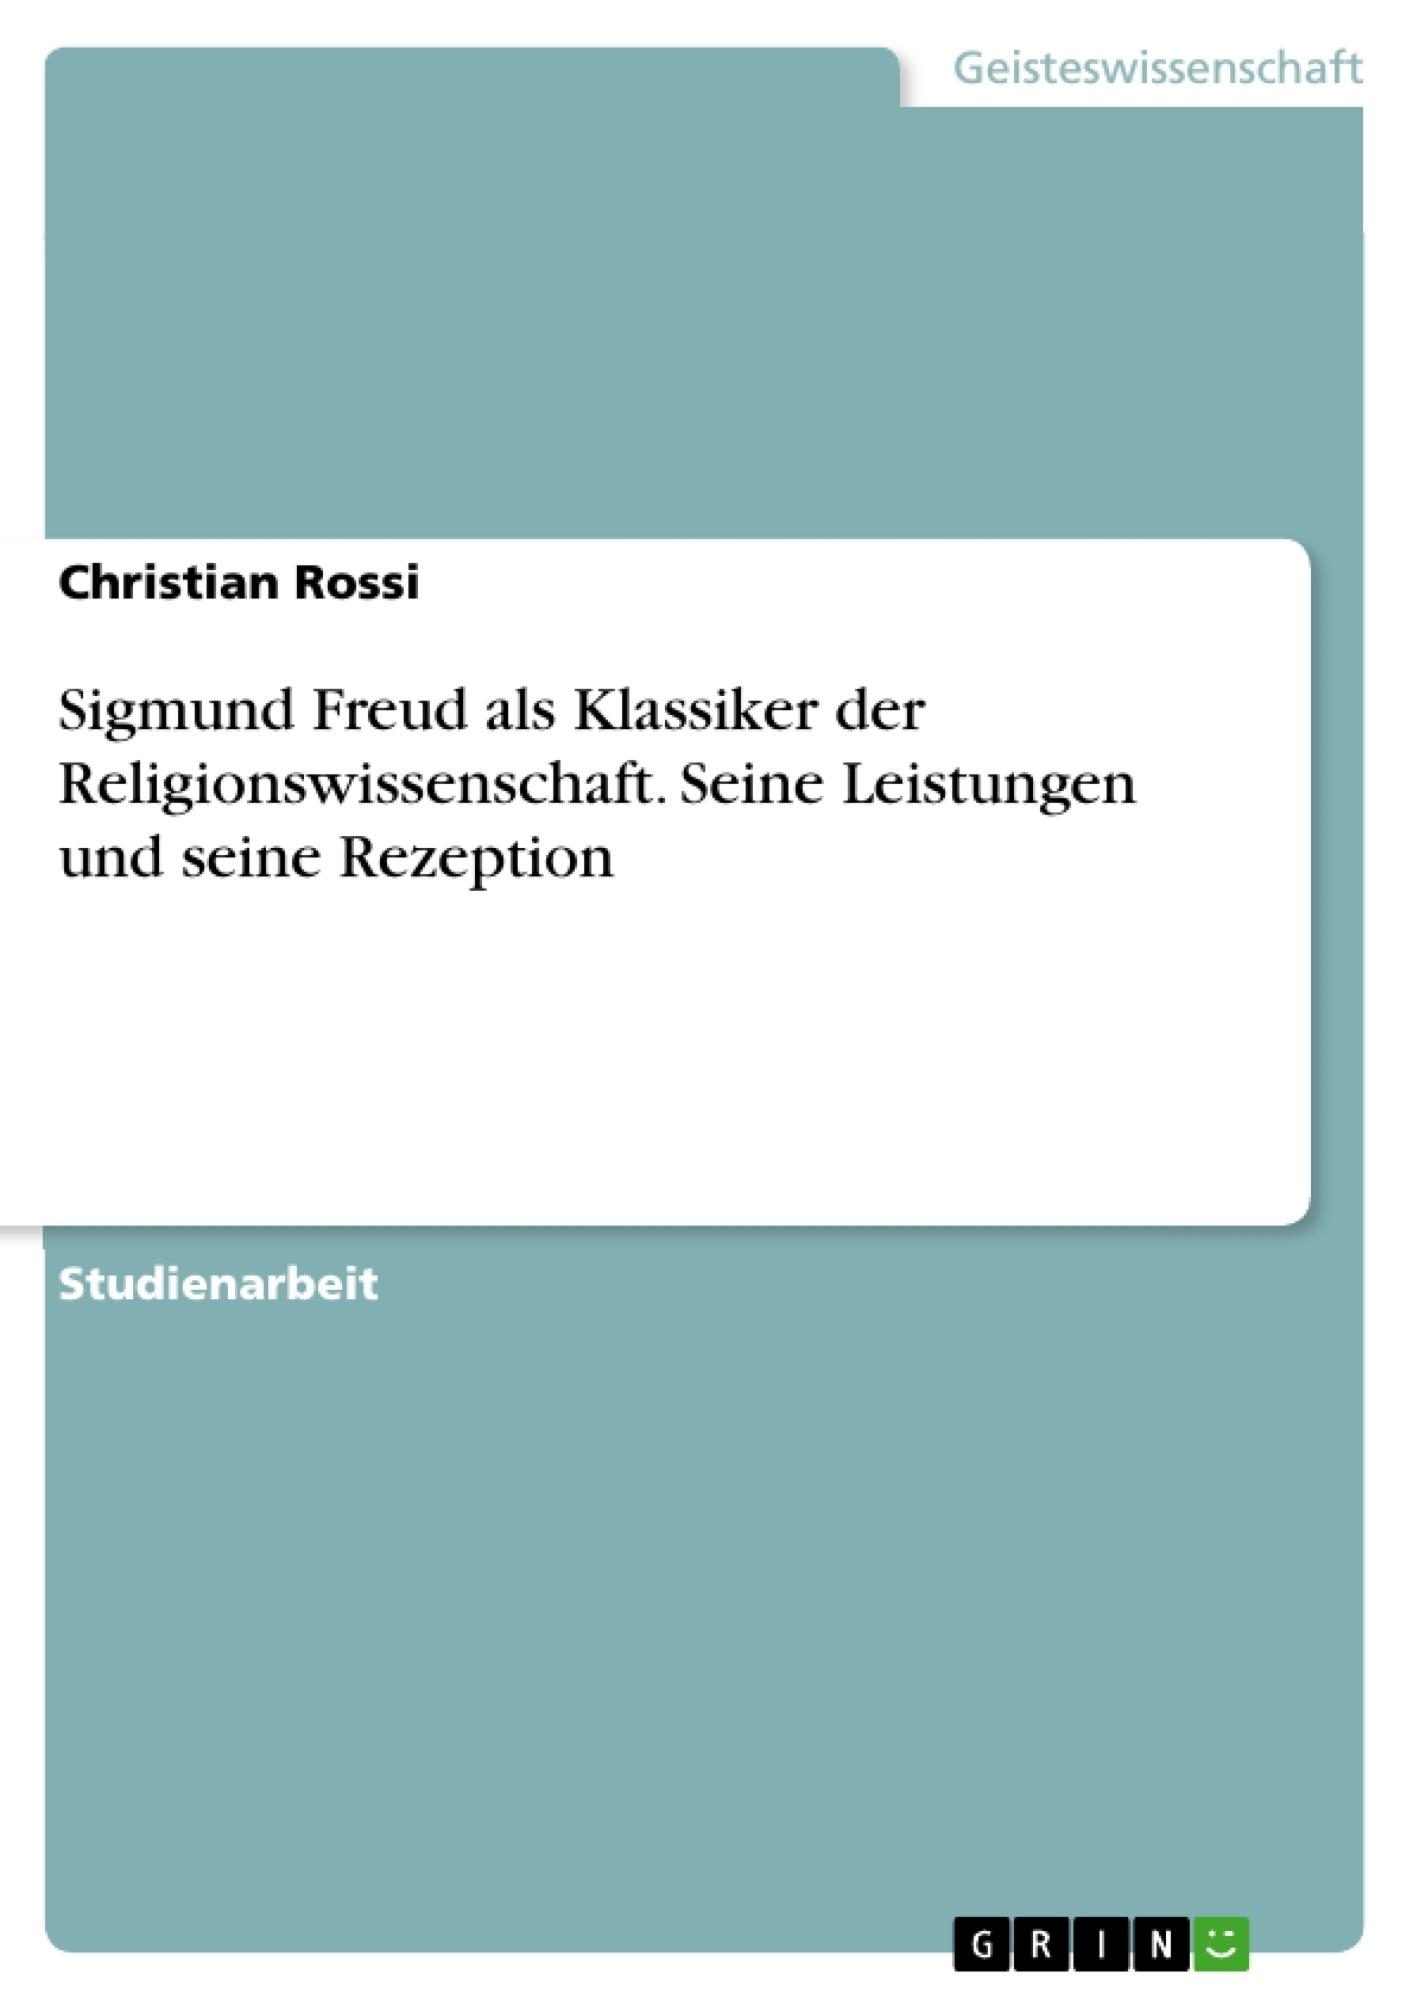 Titel: Sigmund Freud als Klassiker der Religionswissenschaft. Seine Leistungen und seine Rezeption